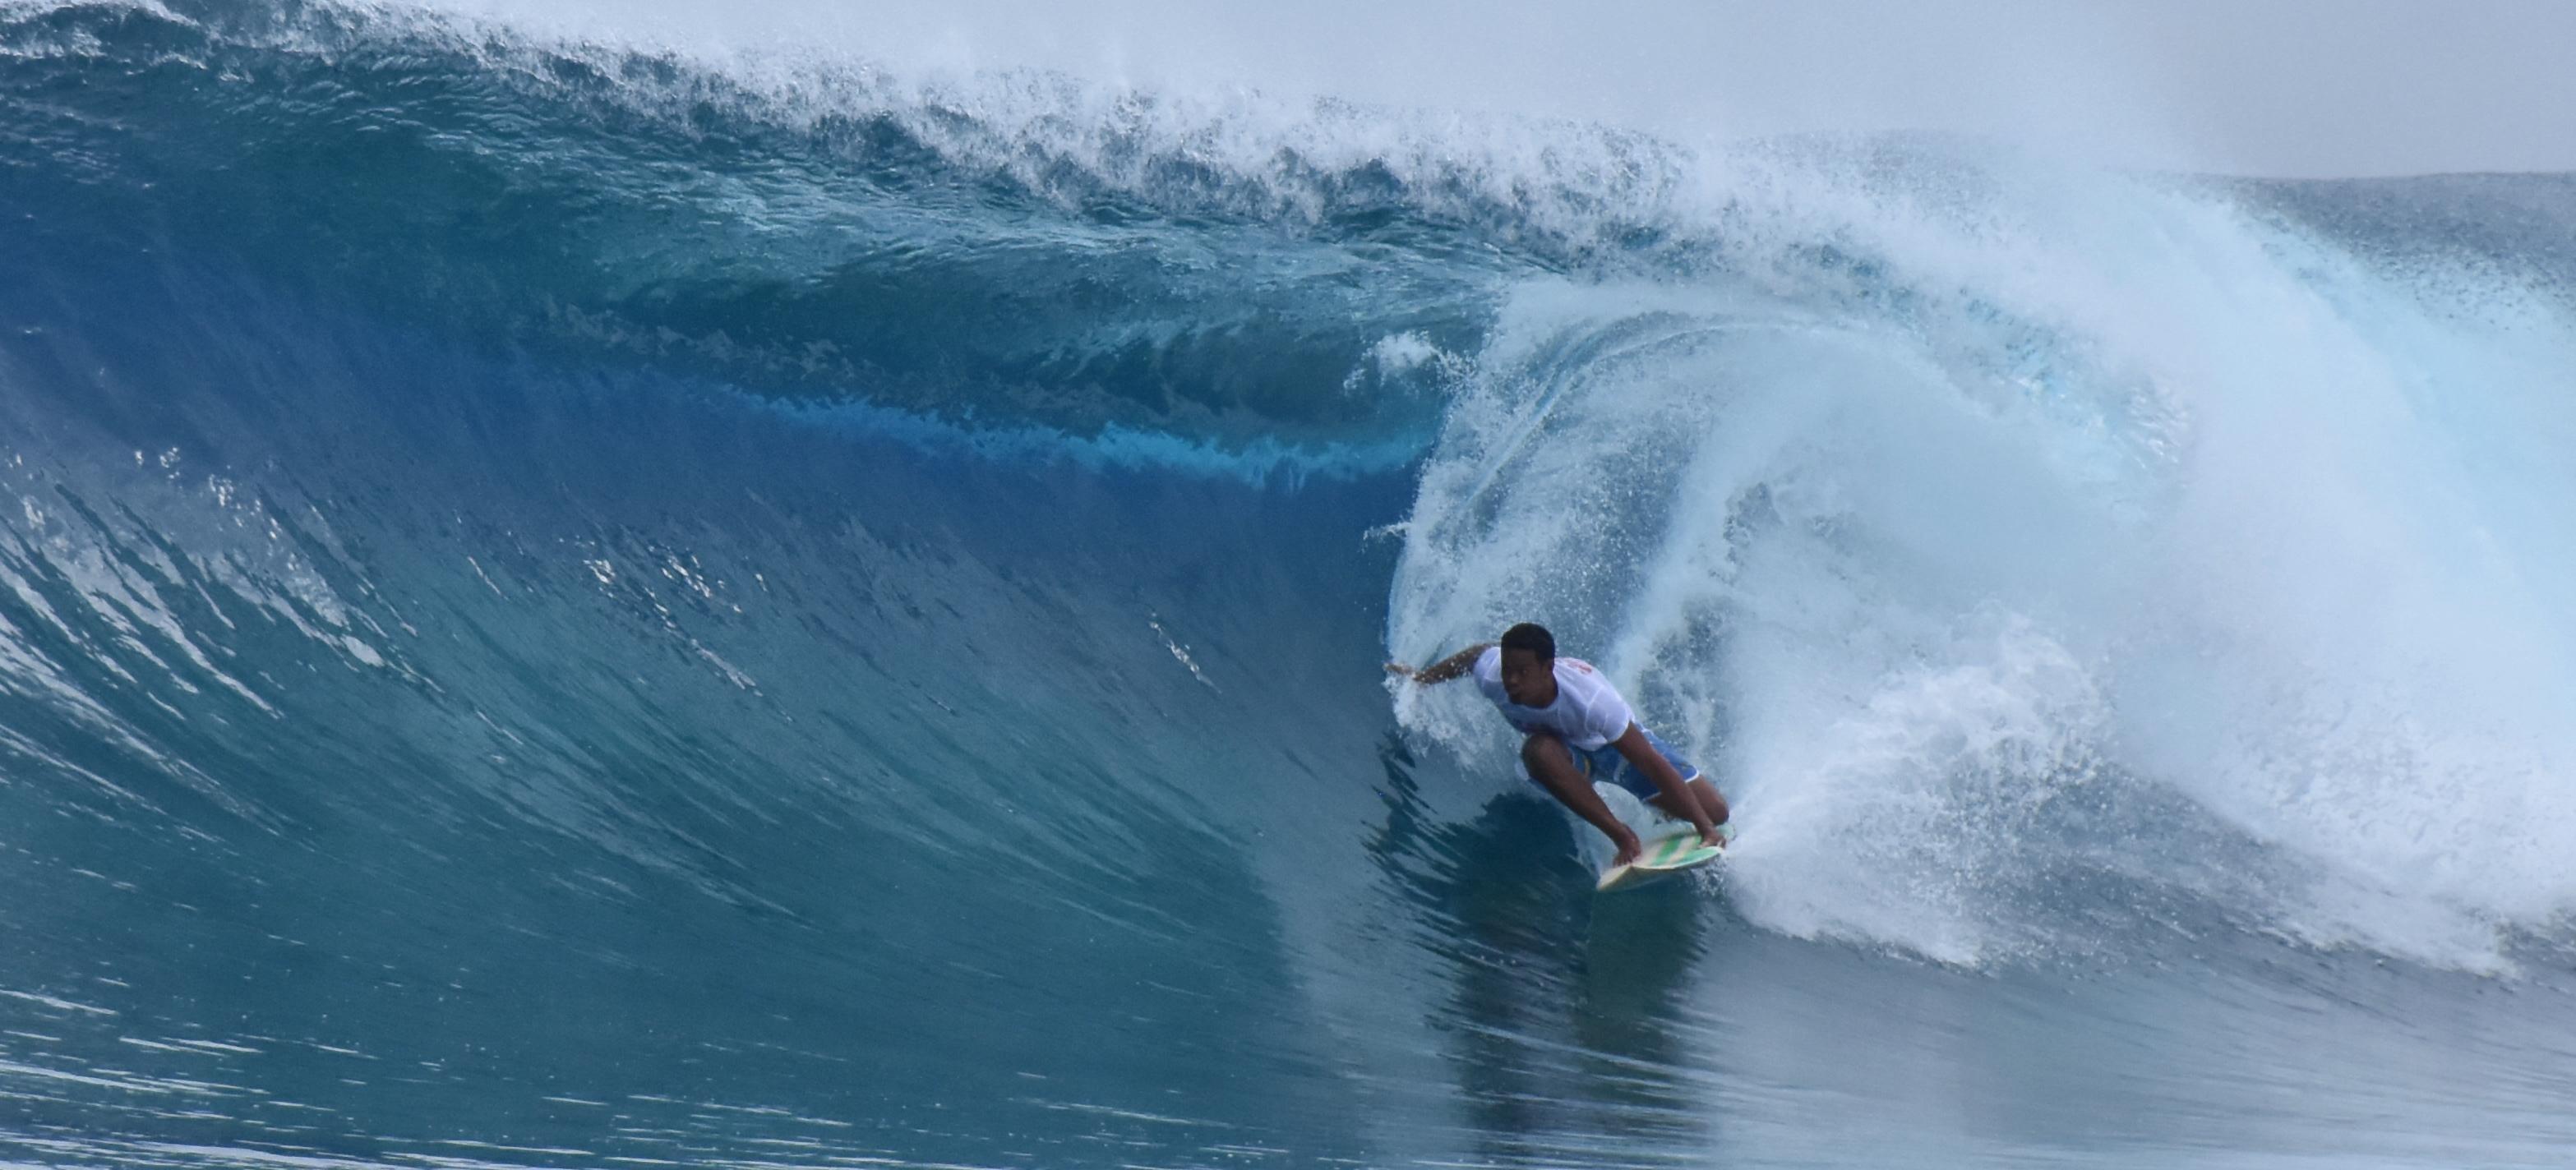 Teare Teinaore, natif de Rangiroa, a profité des belles séries de vagues offertes par le spot de Avatoru mercredi matin.